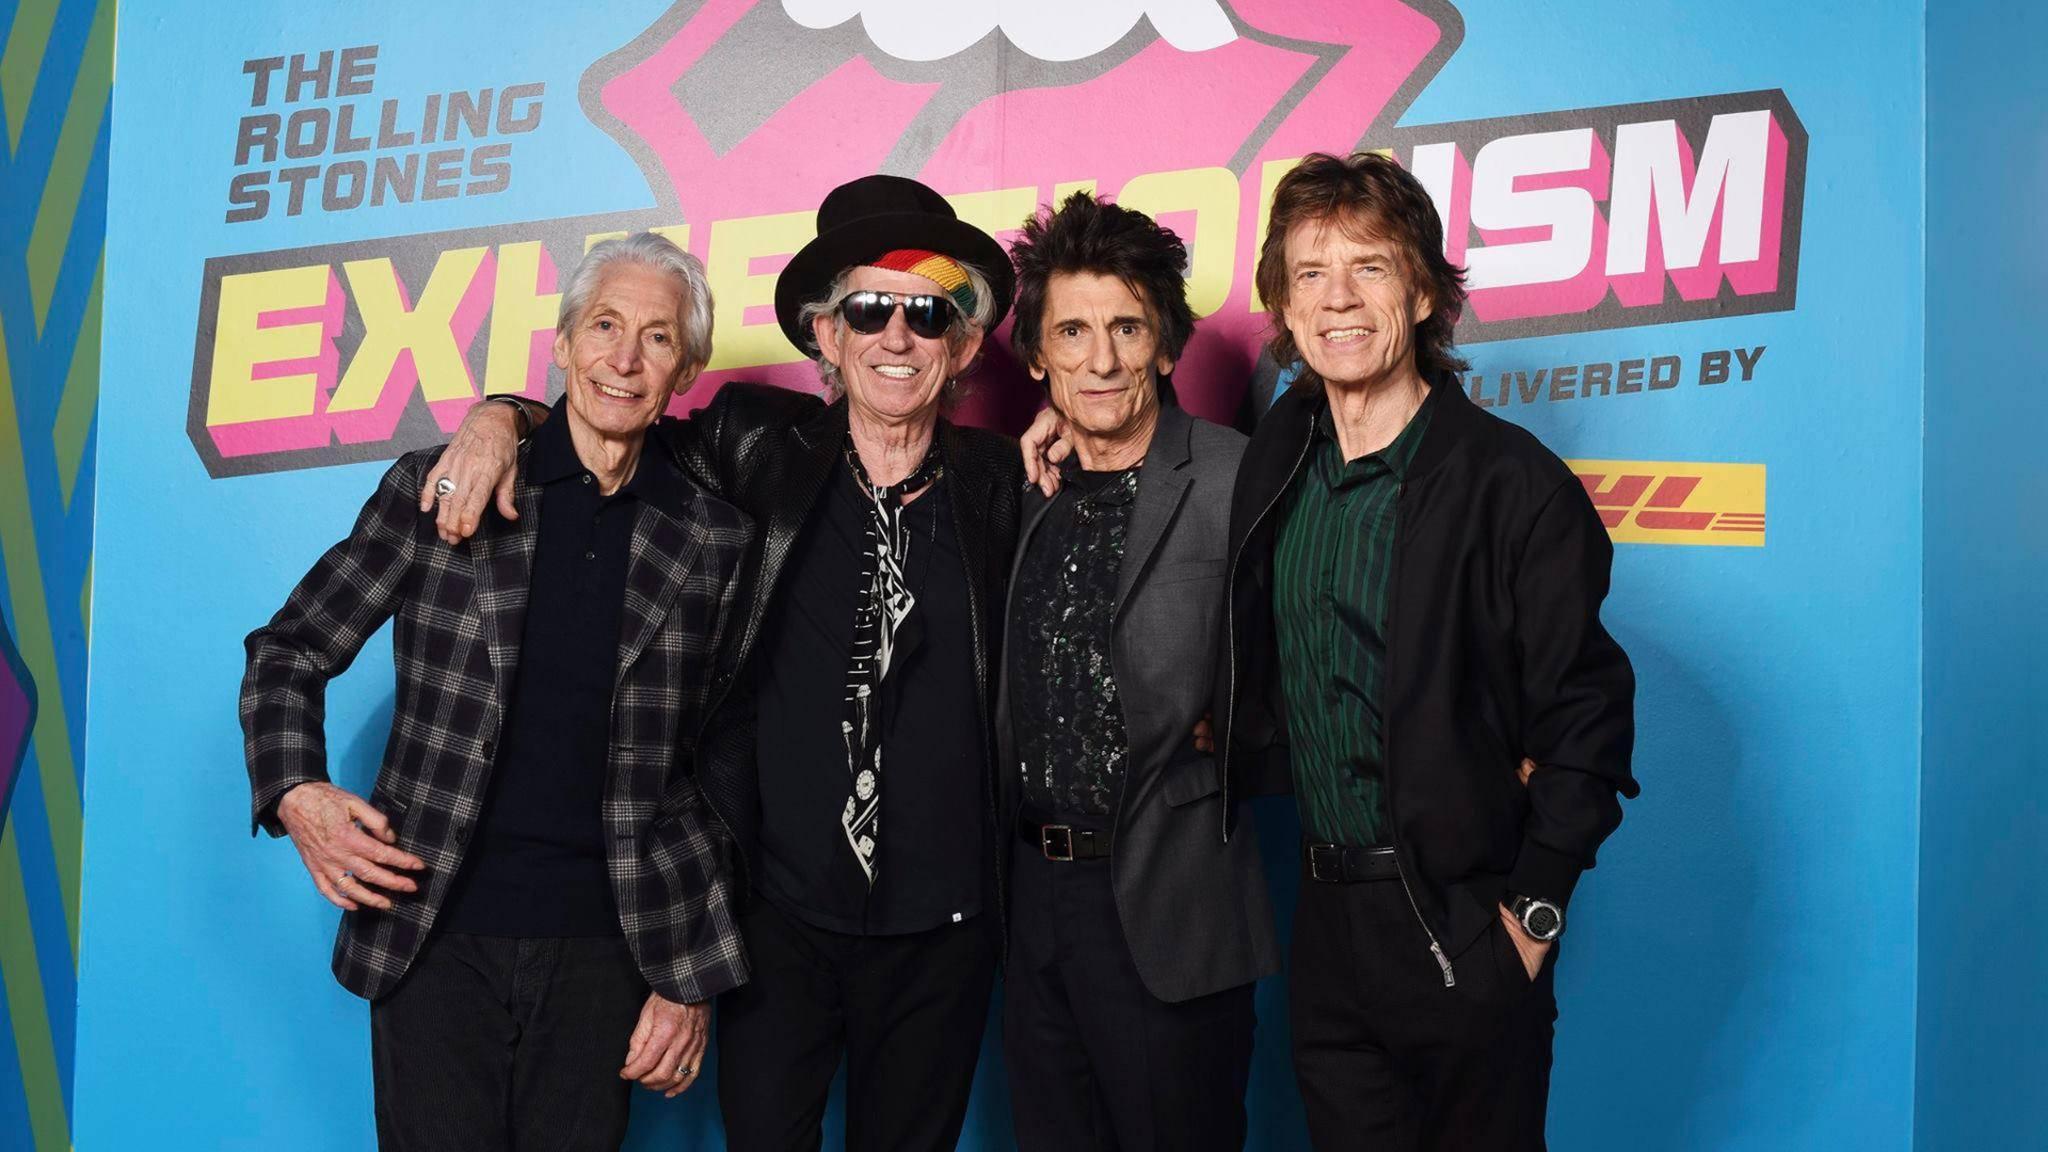 Immer noch dick im Geschäft: Die Rolling Stones feiern weiterhin Chart-Erfolge.